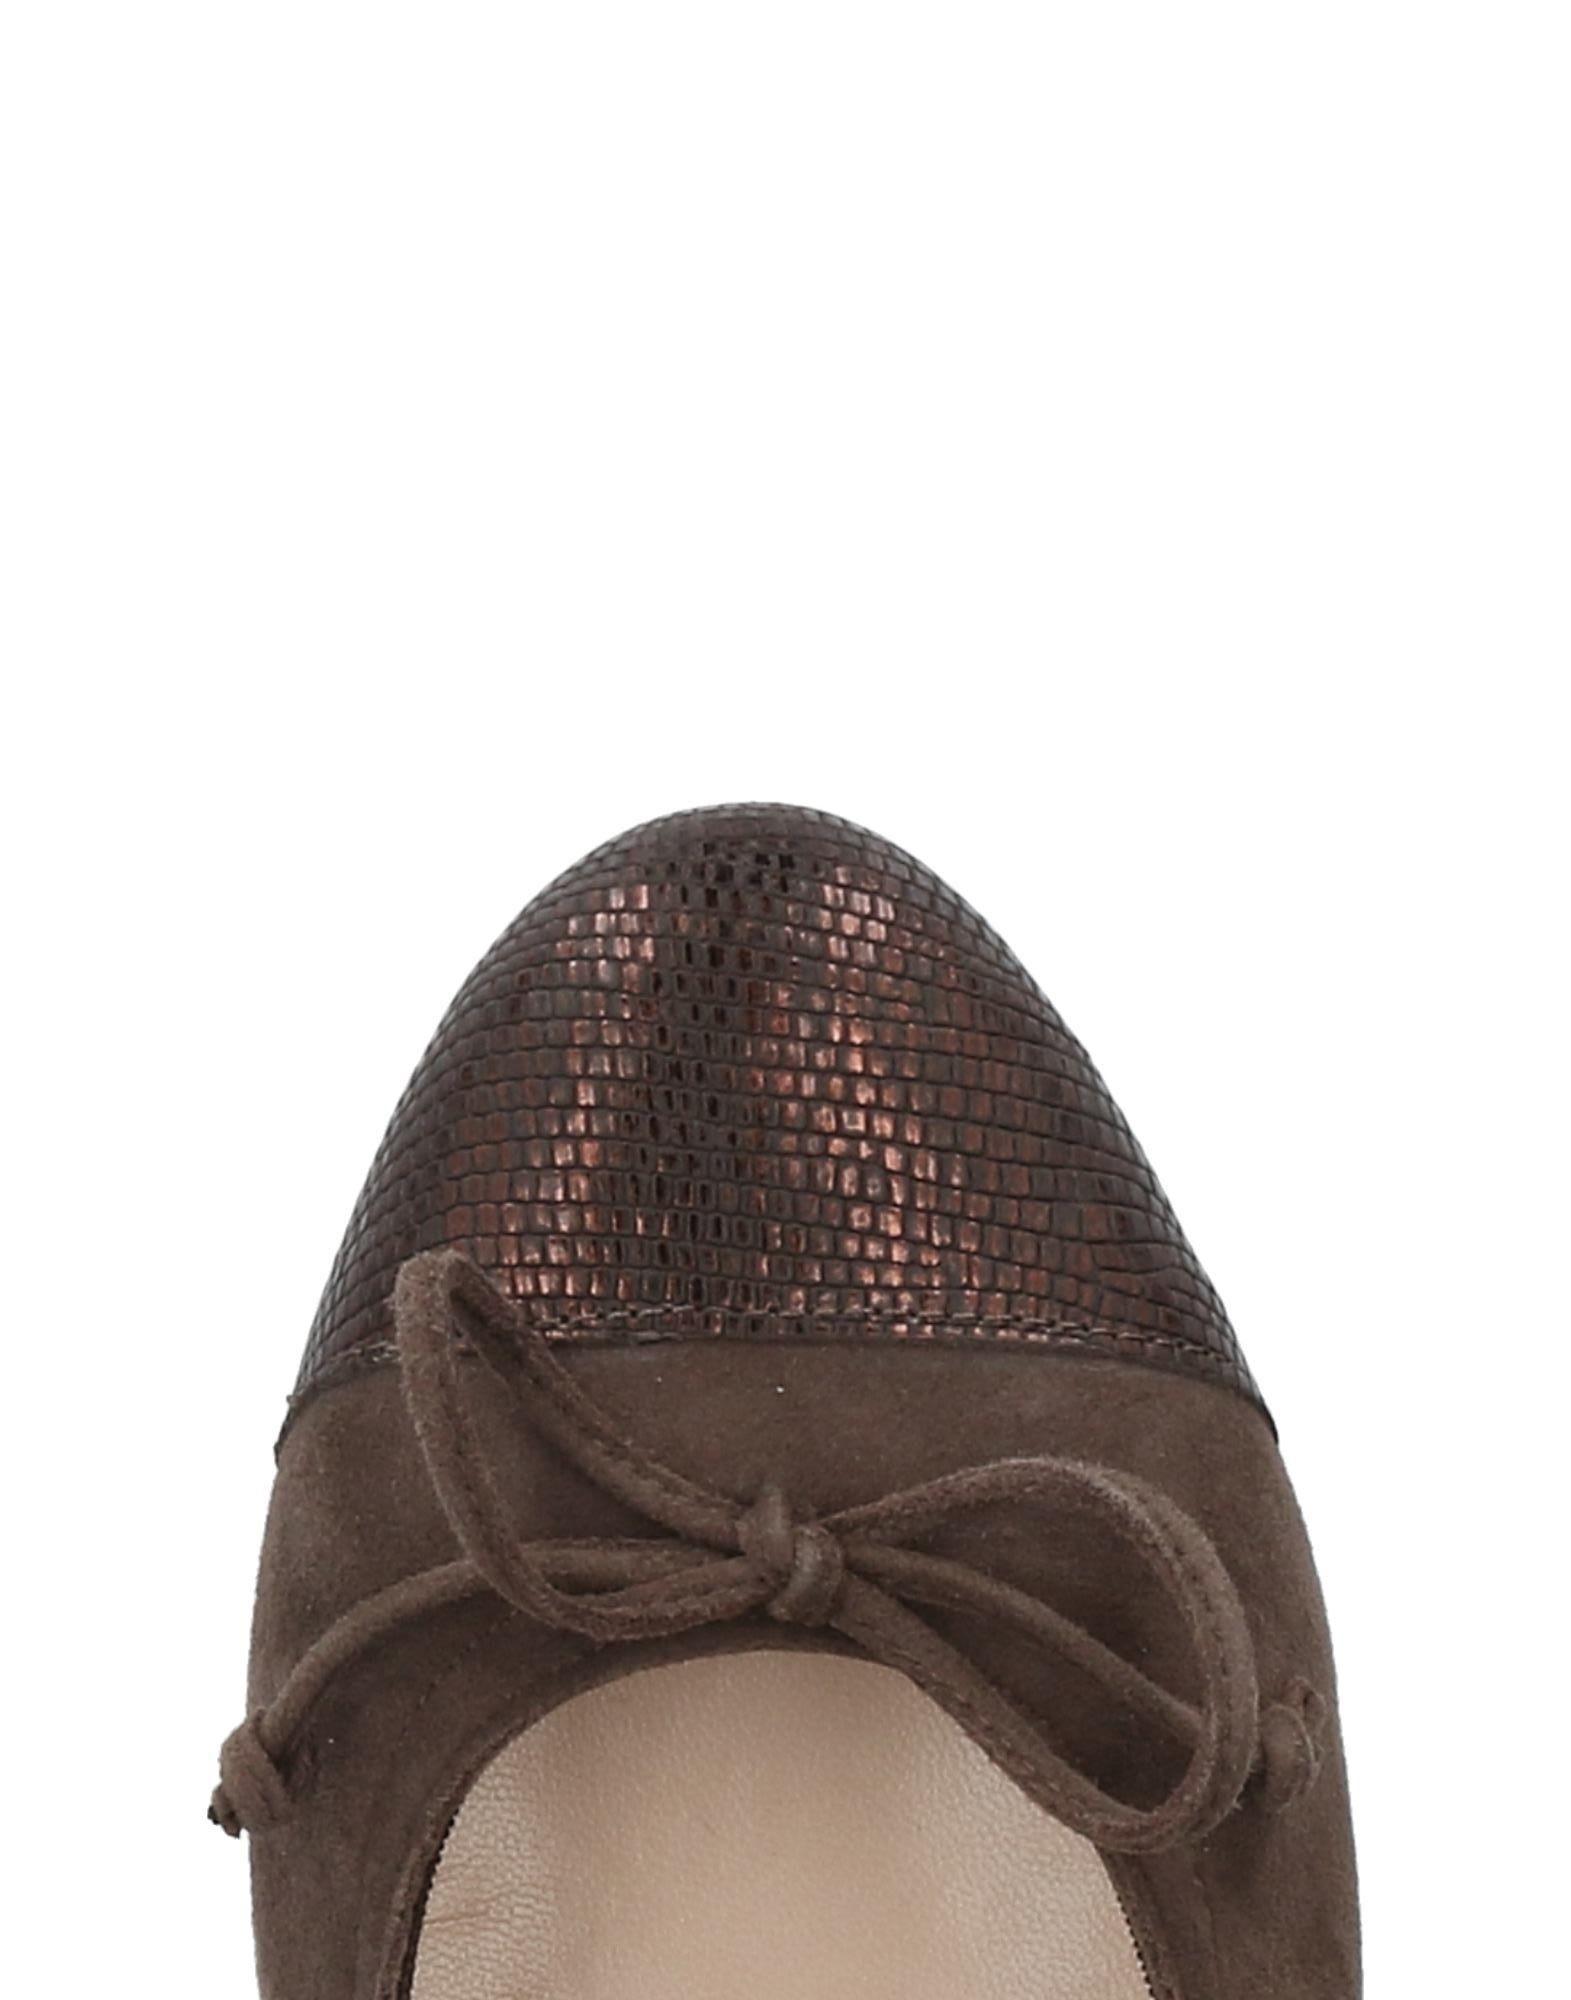 Cristina Millotti Pumps Damen  11458051HR Gute Qualität beliebte beliebte beliebte Schuhe 1b1cc1